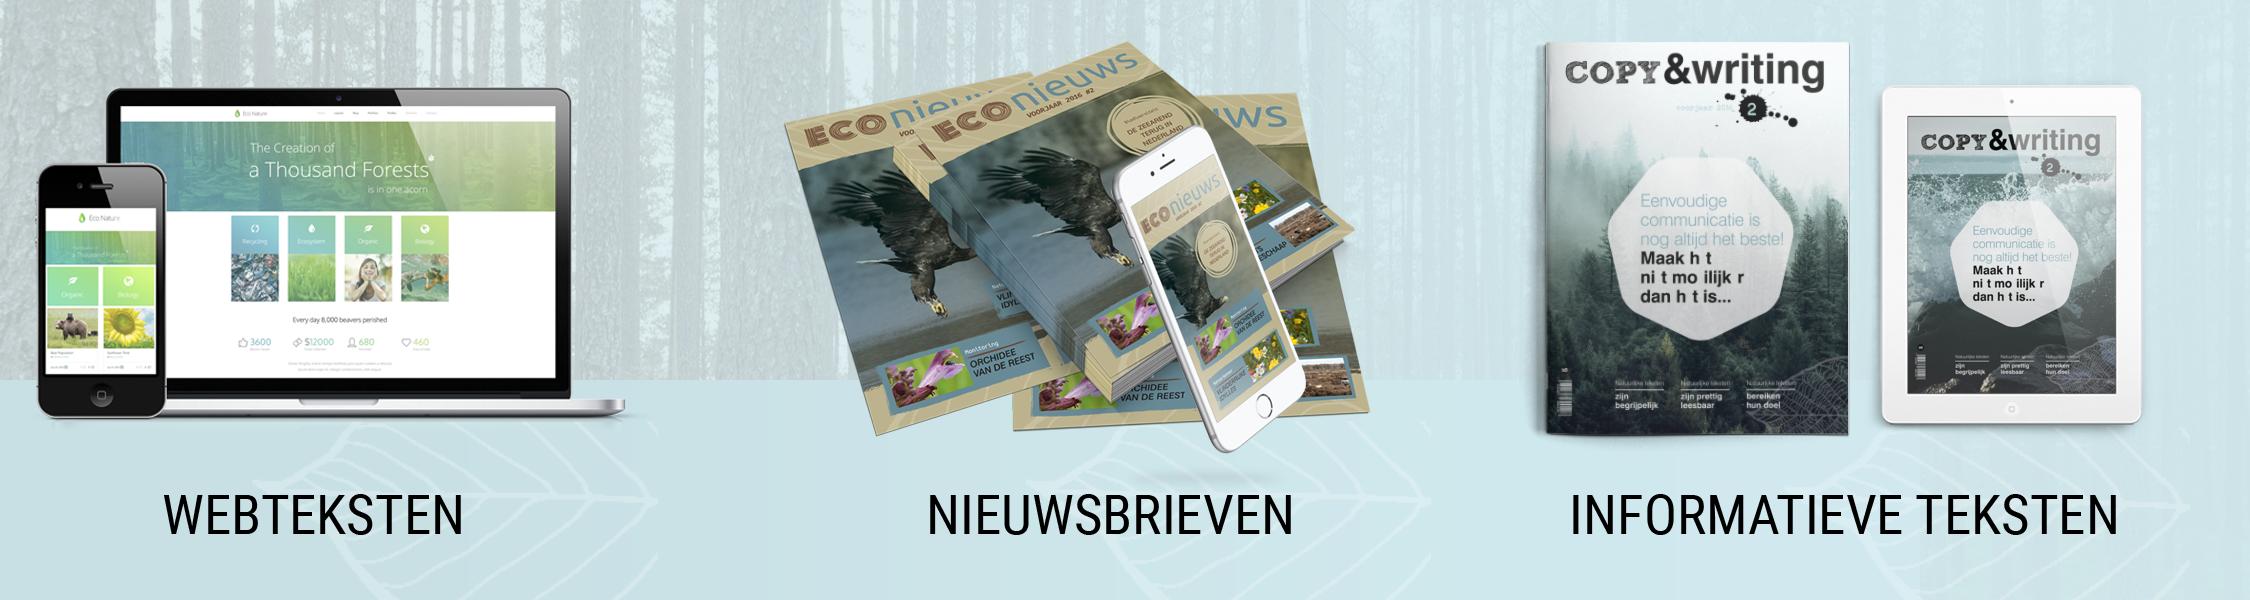 buro Boer verzorgt teksten voor websites, nieuwsbrieven en schrijft andere informatieve teksten